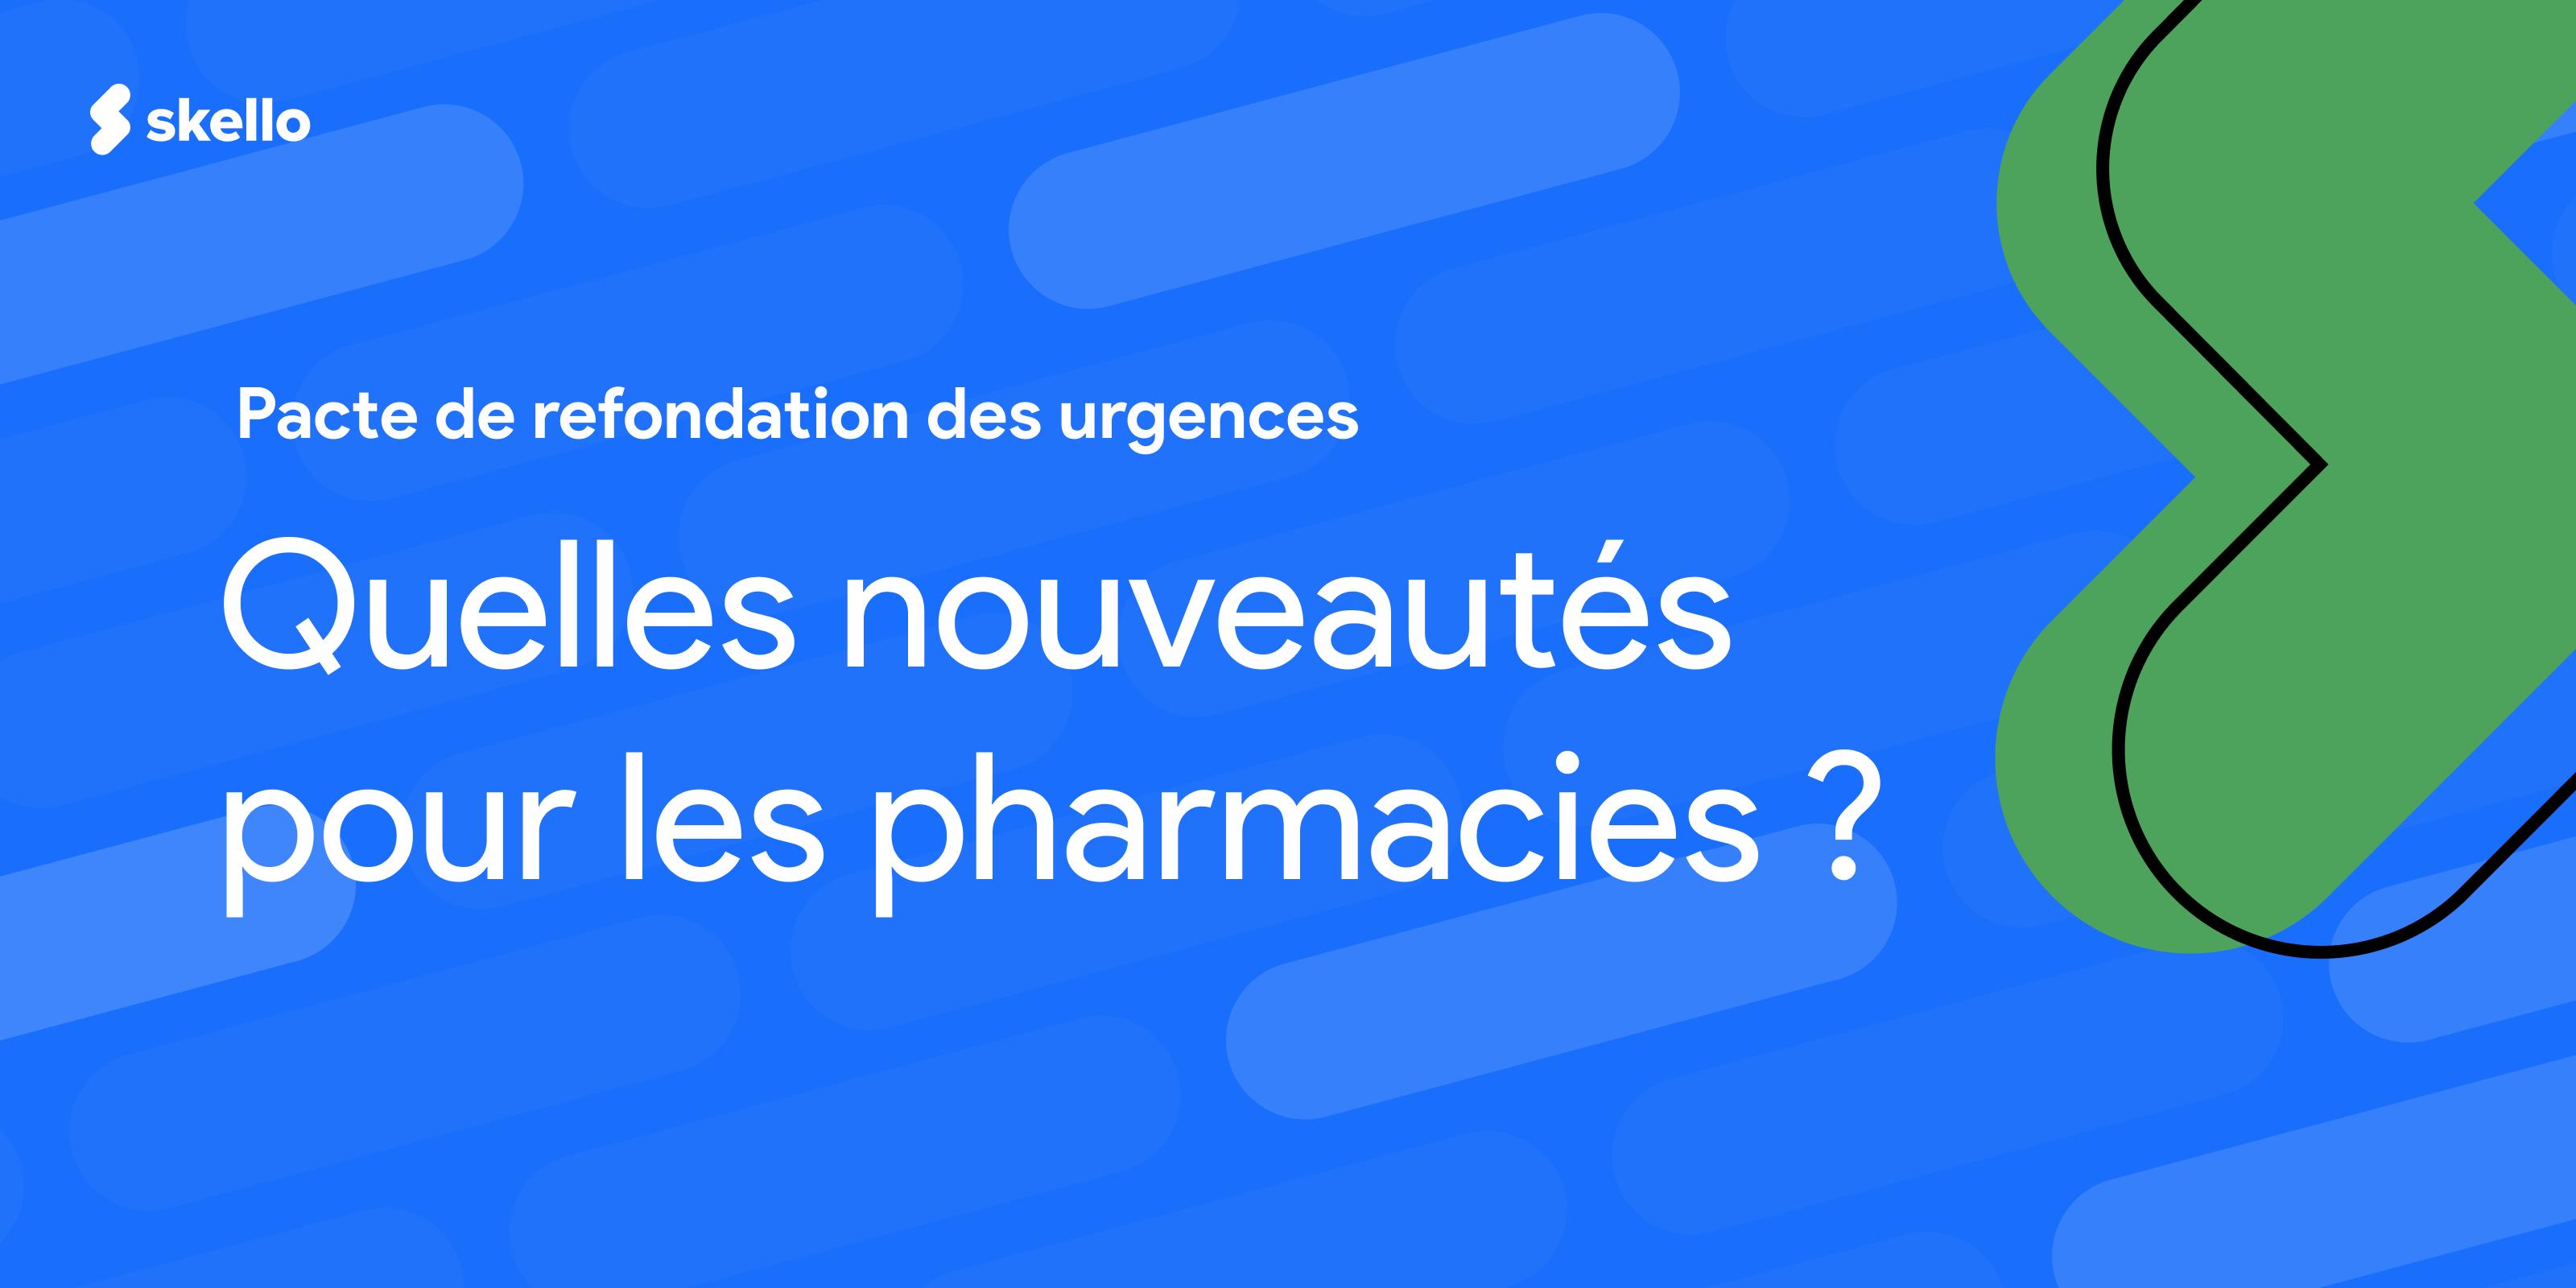 Pacte de refondation des urgences: quelles nouveautés pour les pharmacies?